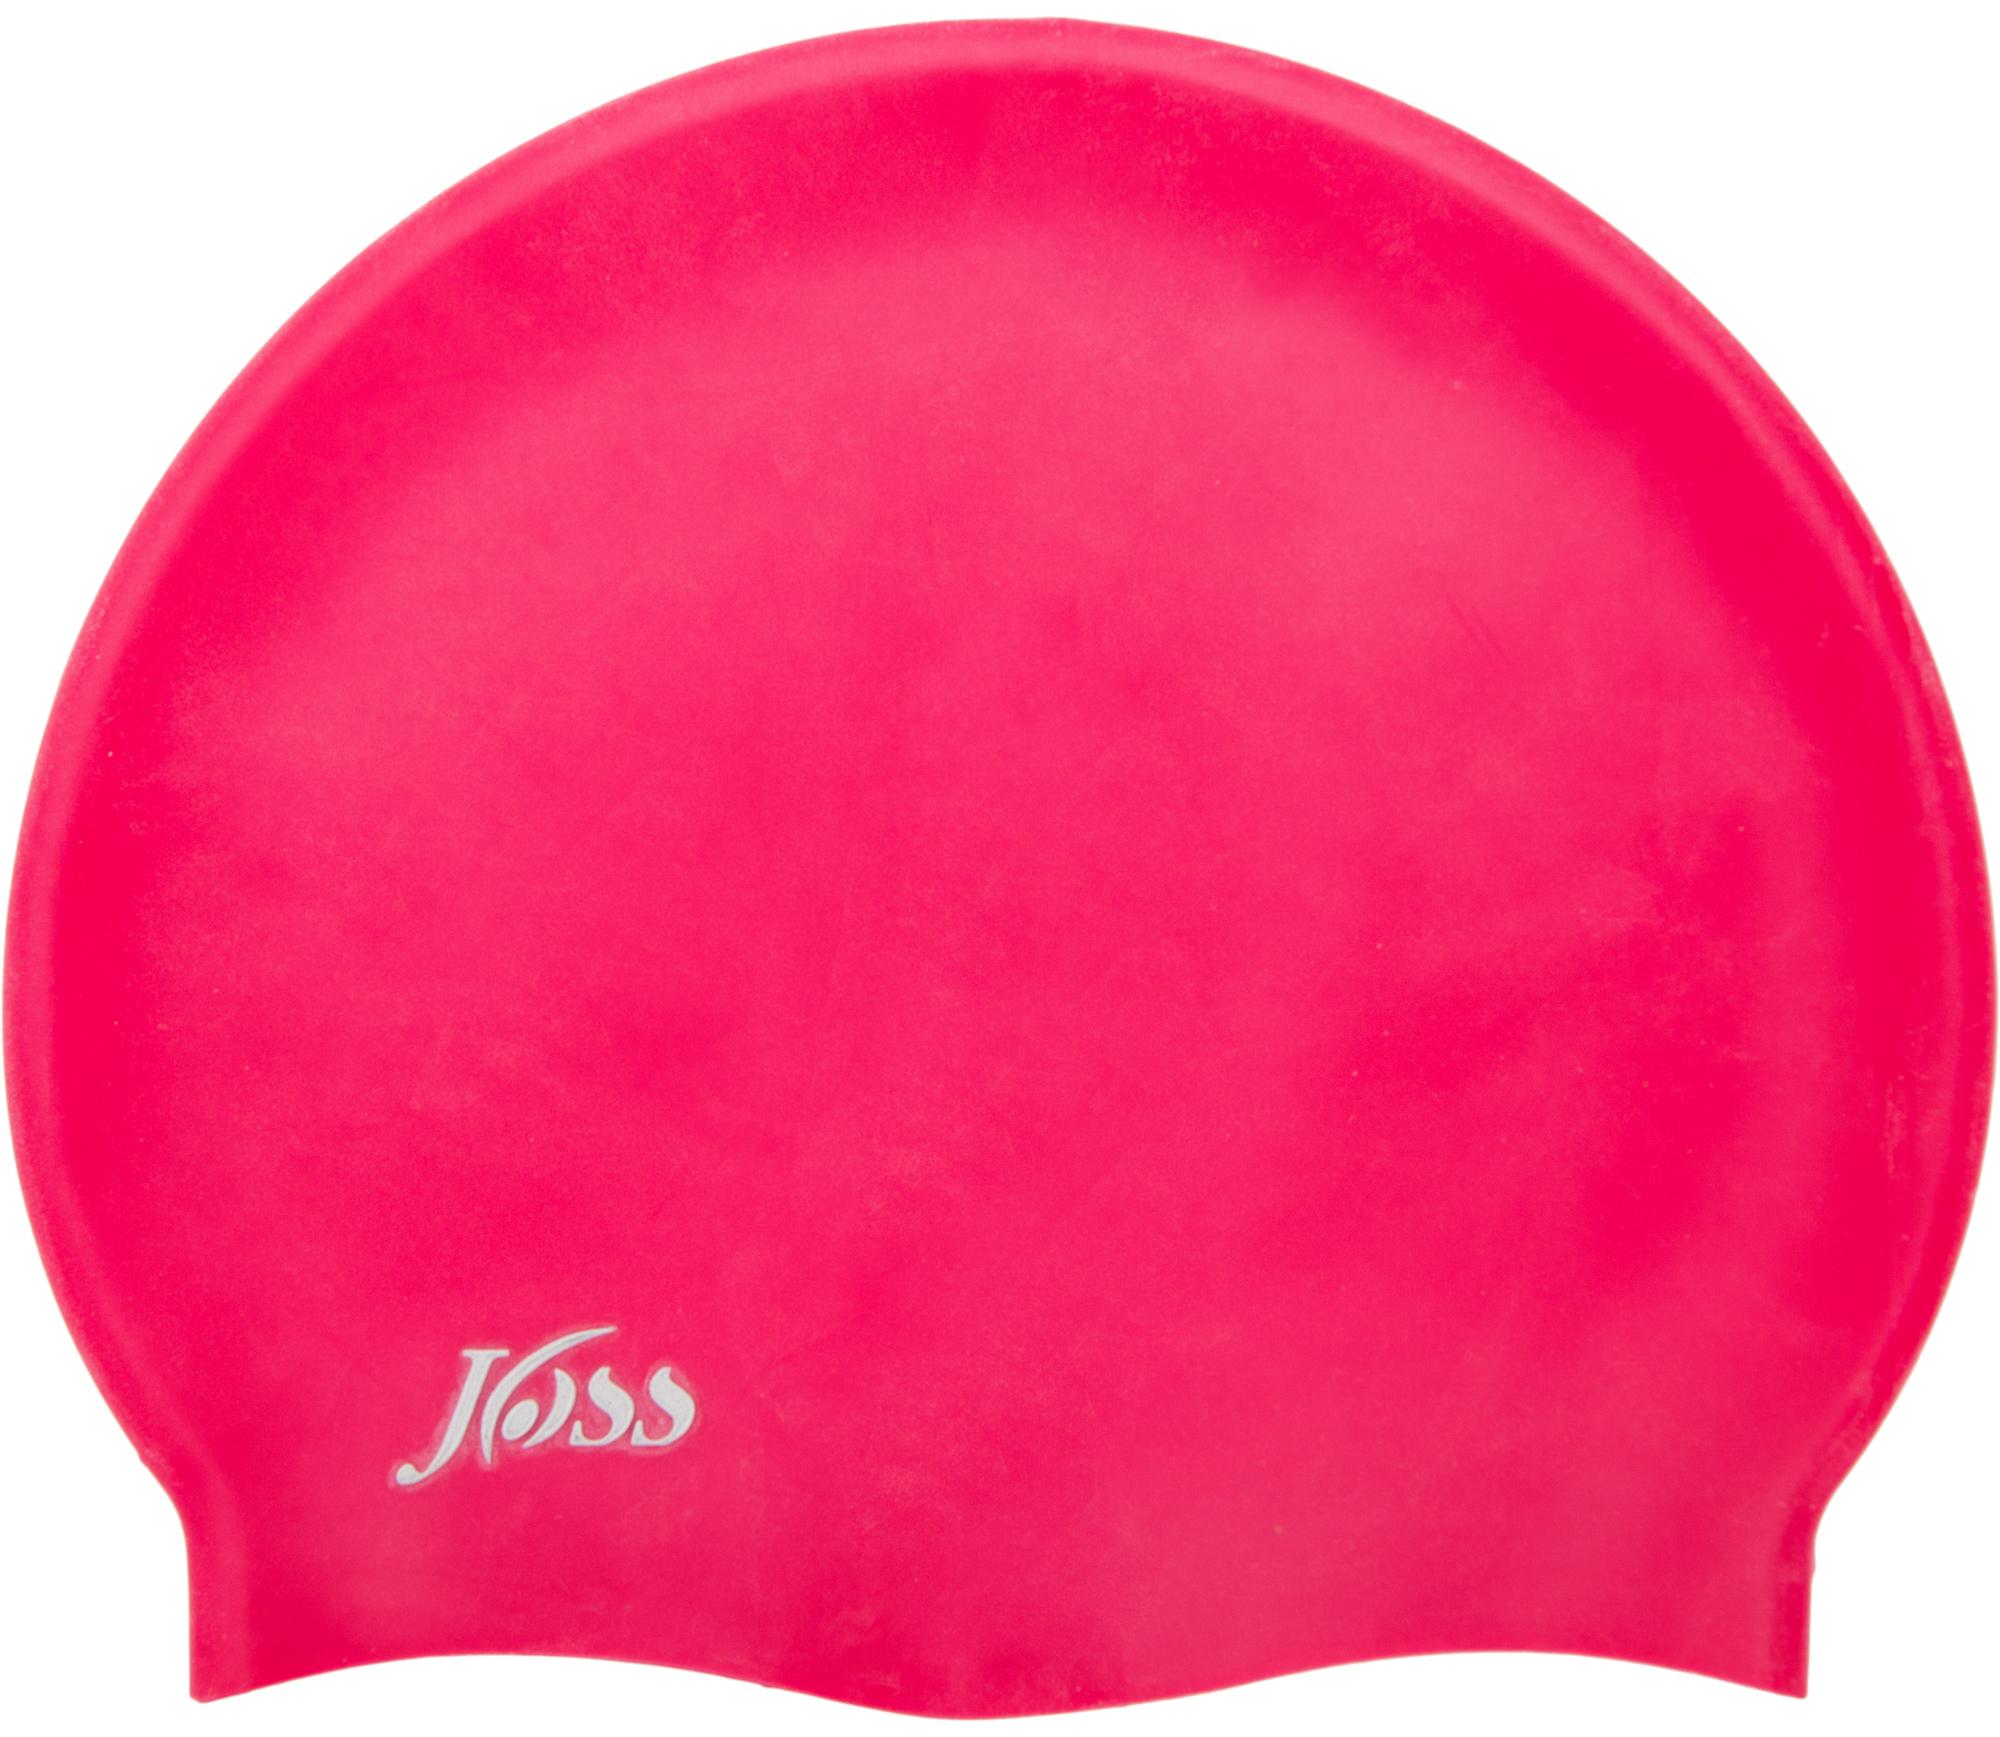 Joss Шапочка для плавания детская Joss детская шапочка для бассейна детская купить